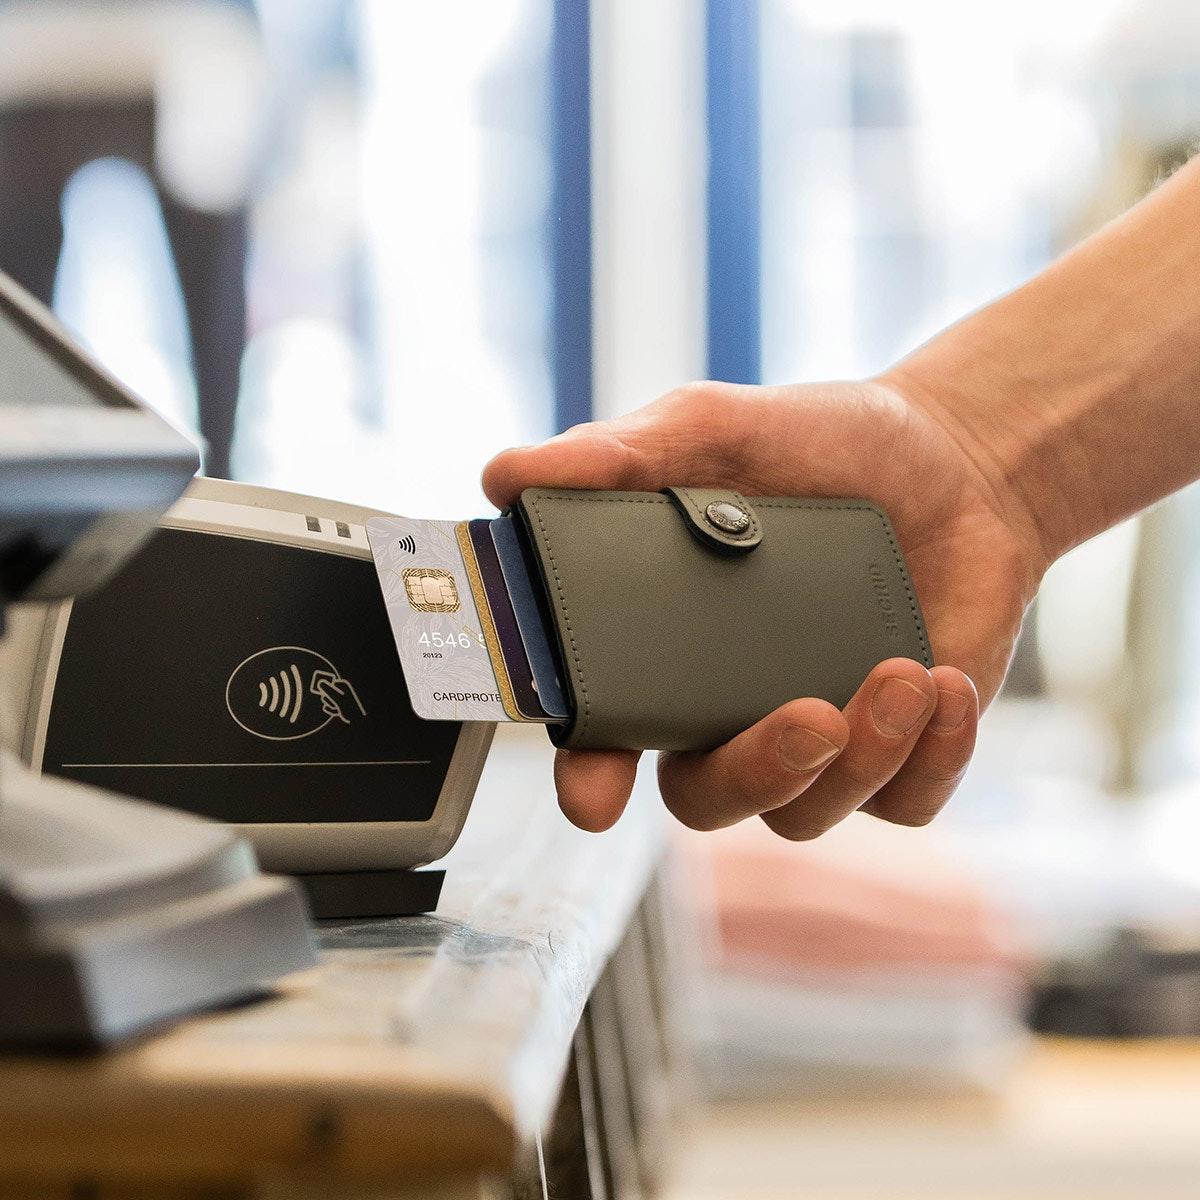 RFID-suojattu Secrid-lompakko